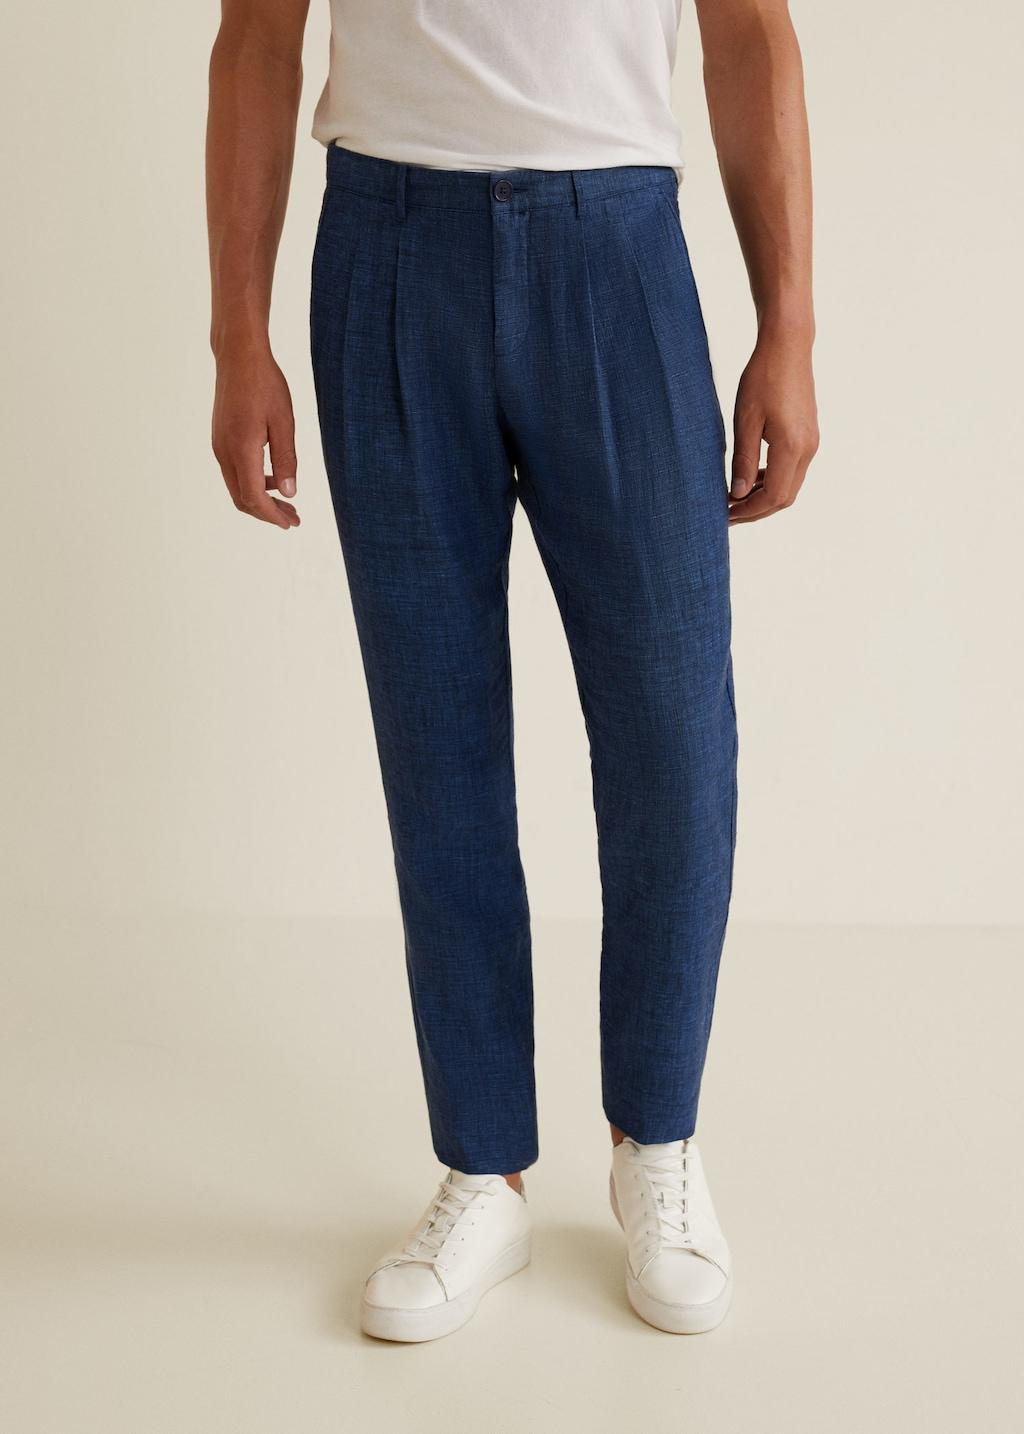 Tipos De Pantalones Para Hombre Que Debes Tener En Tu Armario